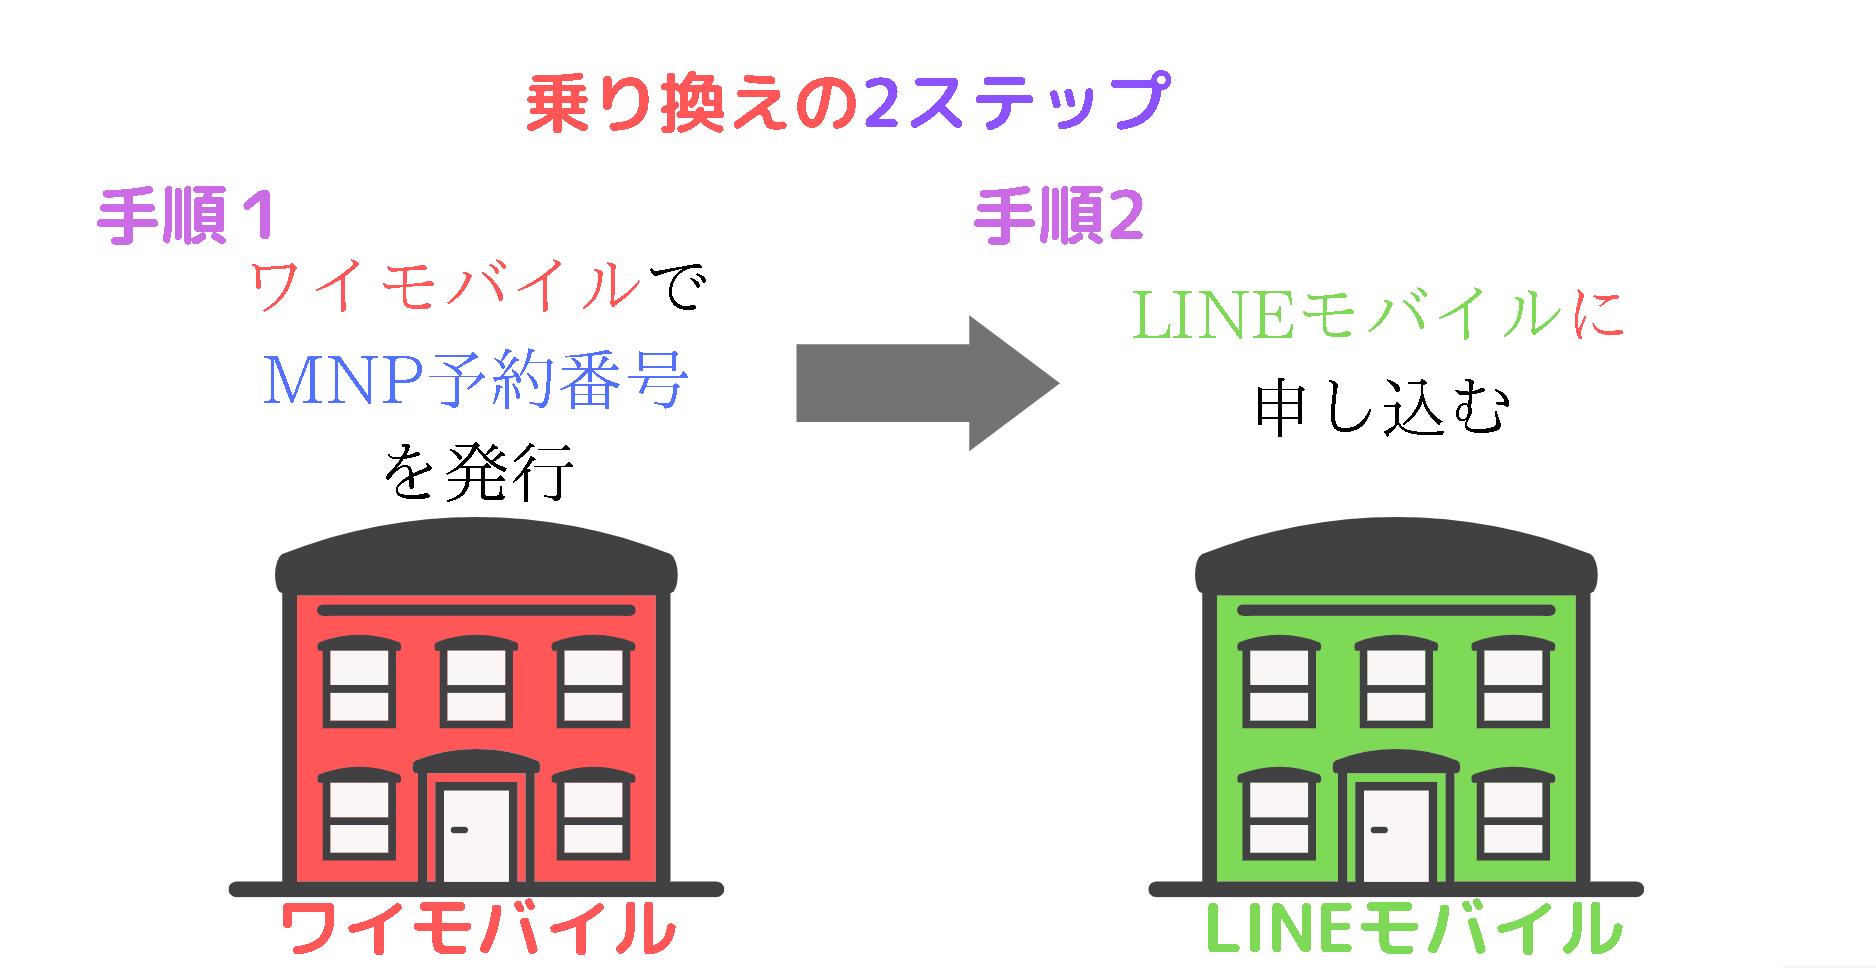 ワイモバイルからLINEモバイルへ乗り換える方法